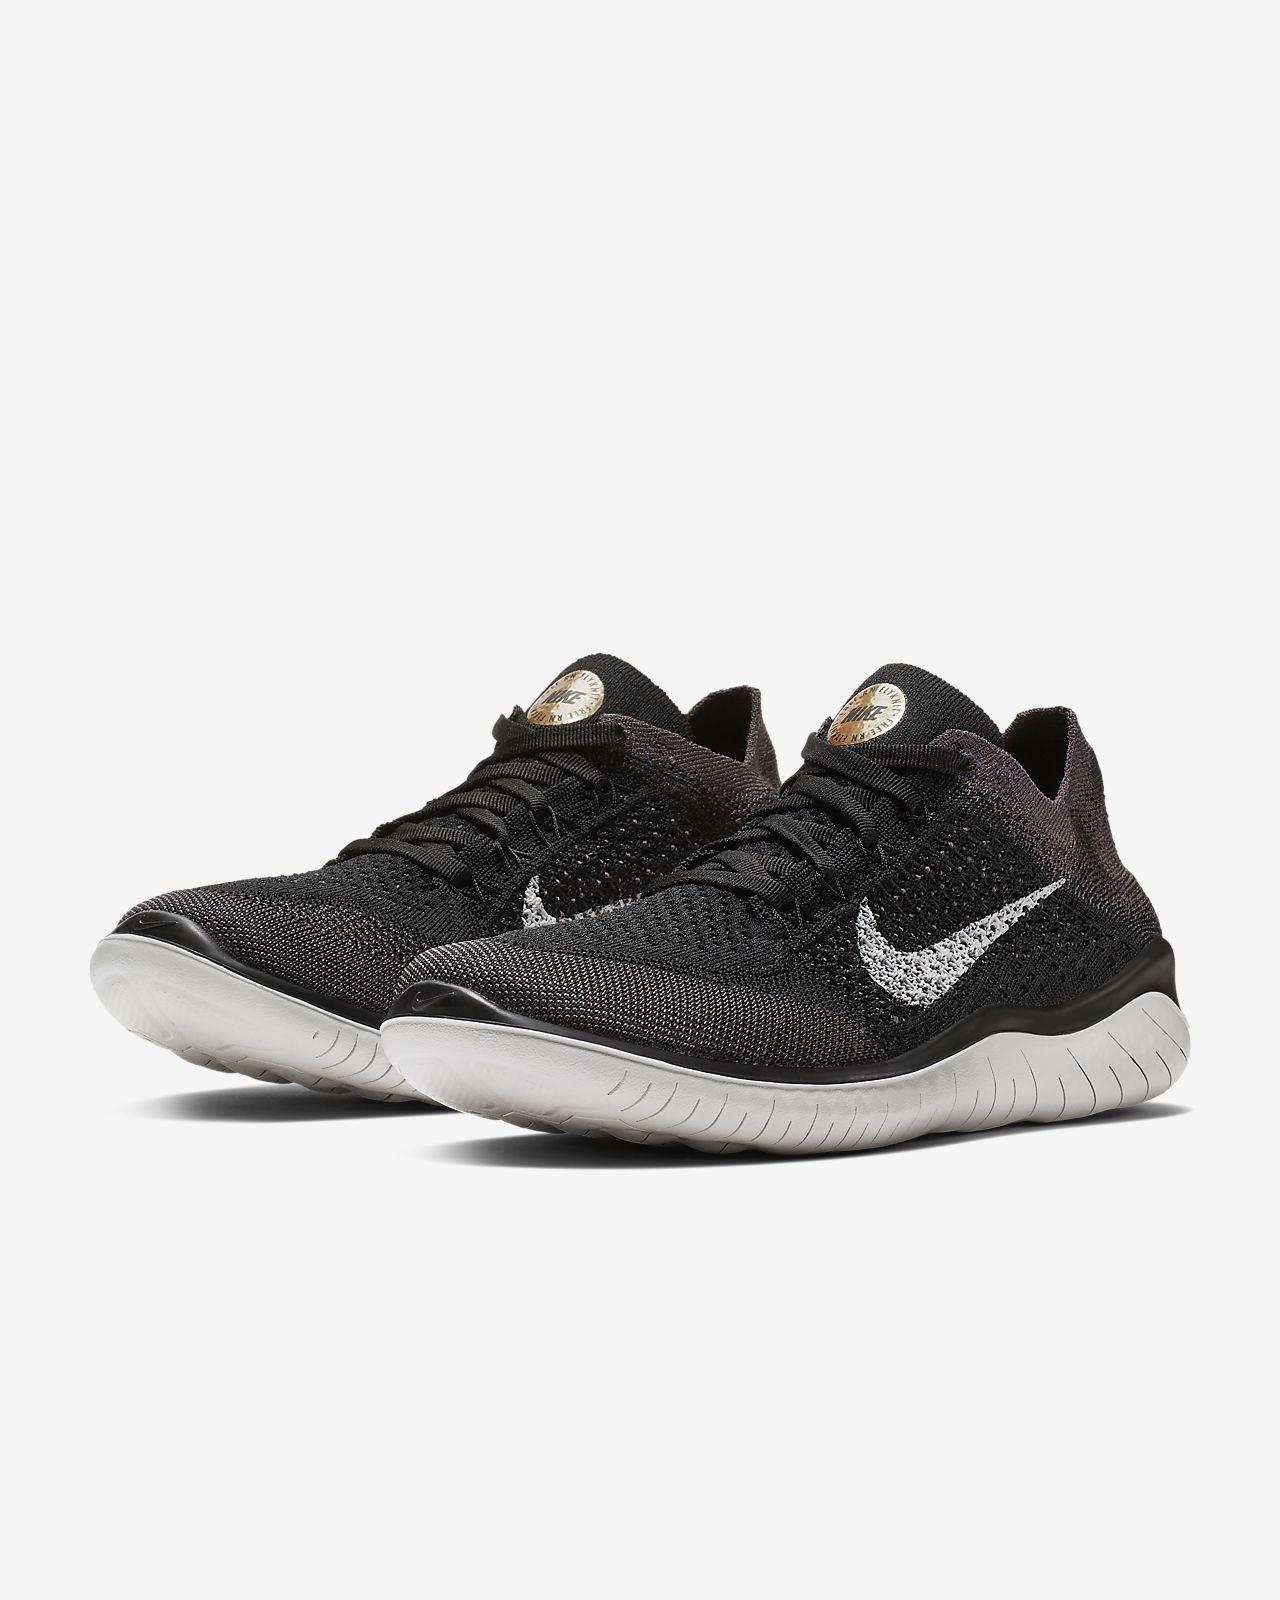 3ed22cd5a Nike Free RN Flyknit 2018 Women s Running Shoe. Nike.com